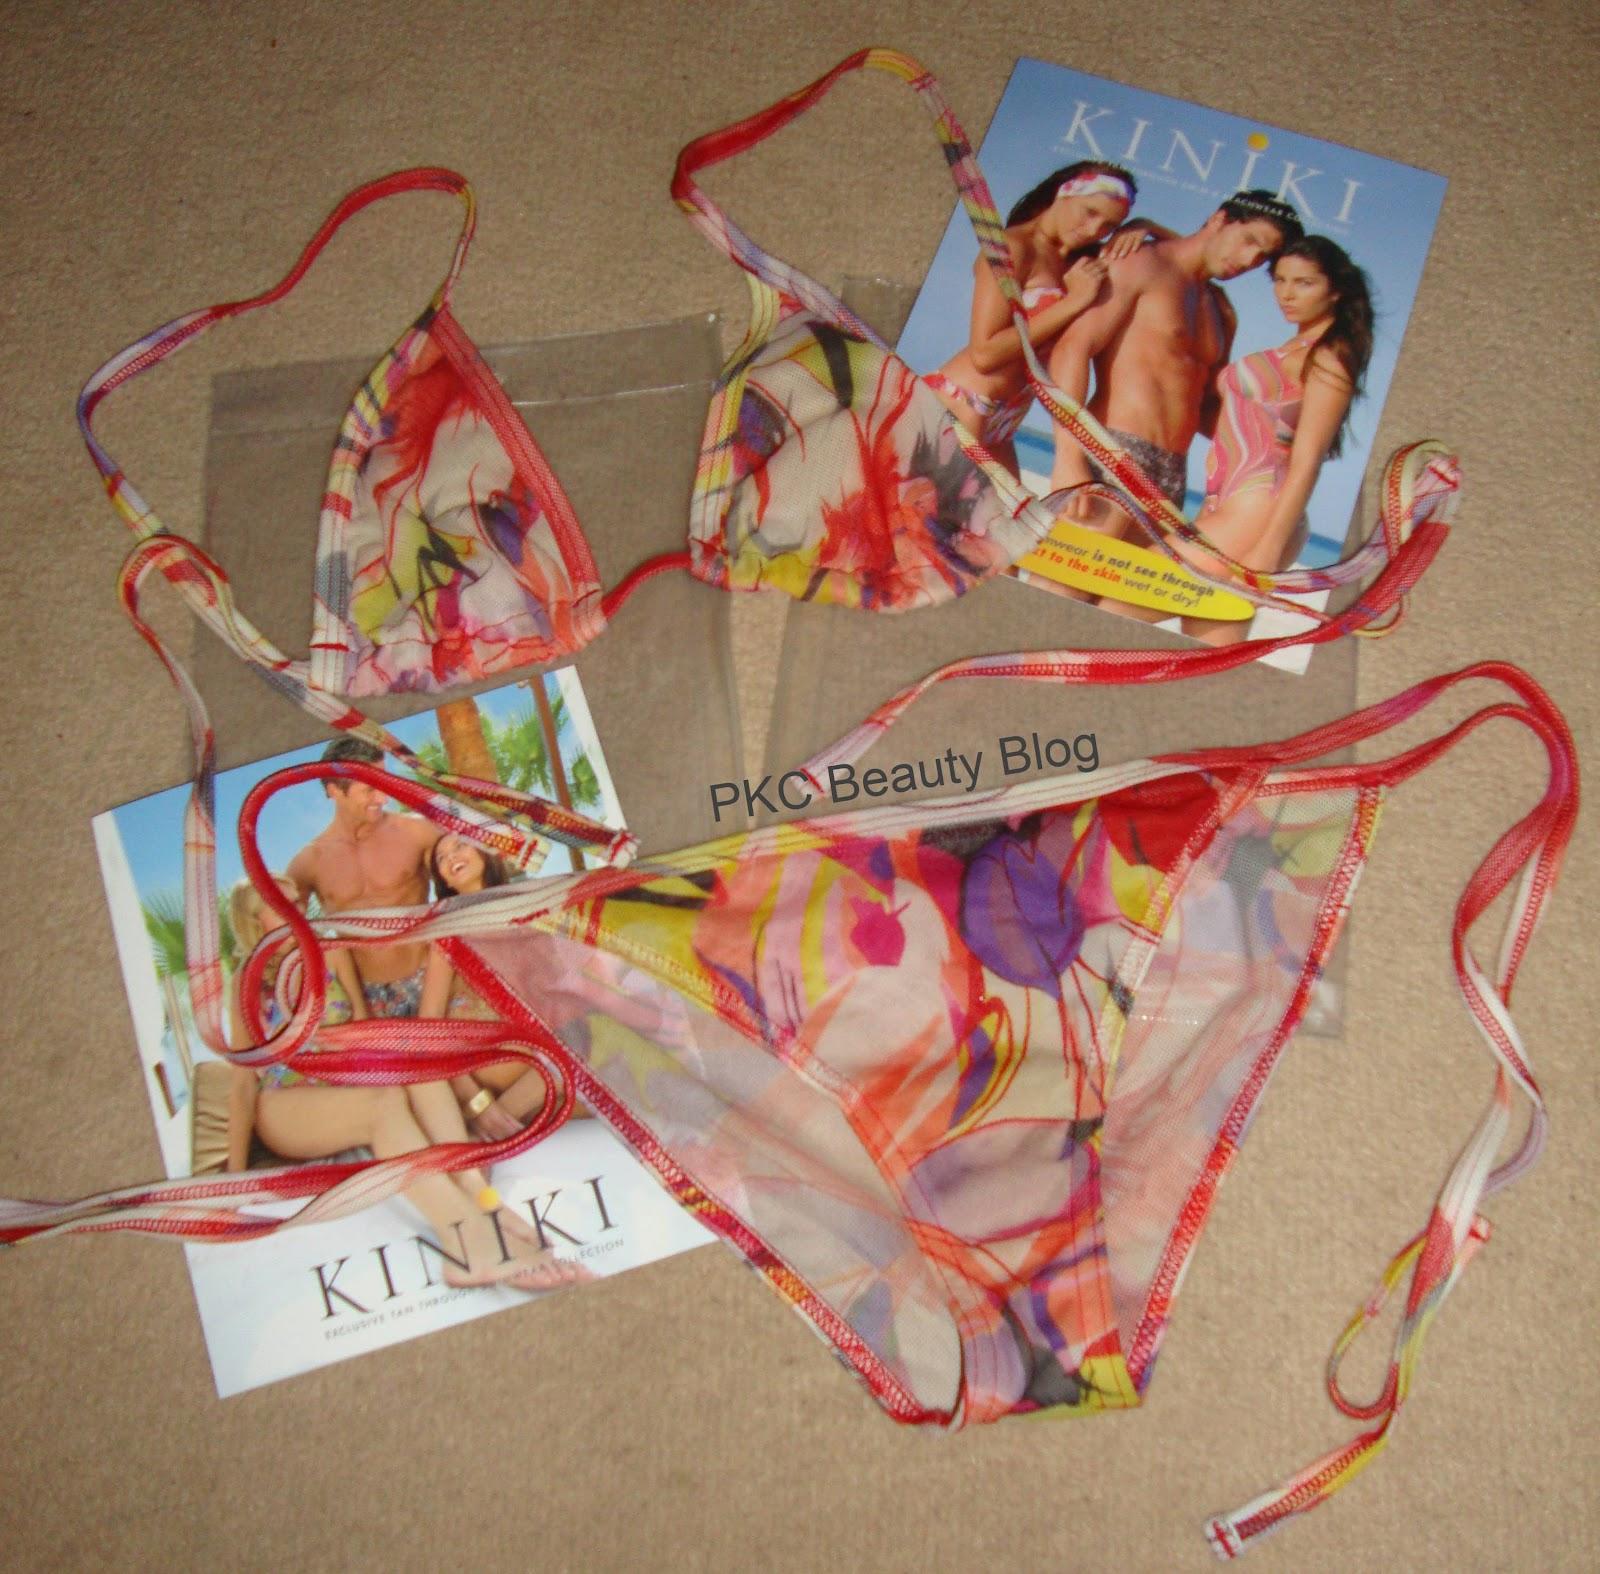 bd26a12d027f0 PK Collection  Review  Kiniki - Tan through bikini